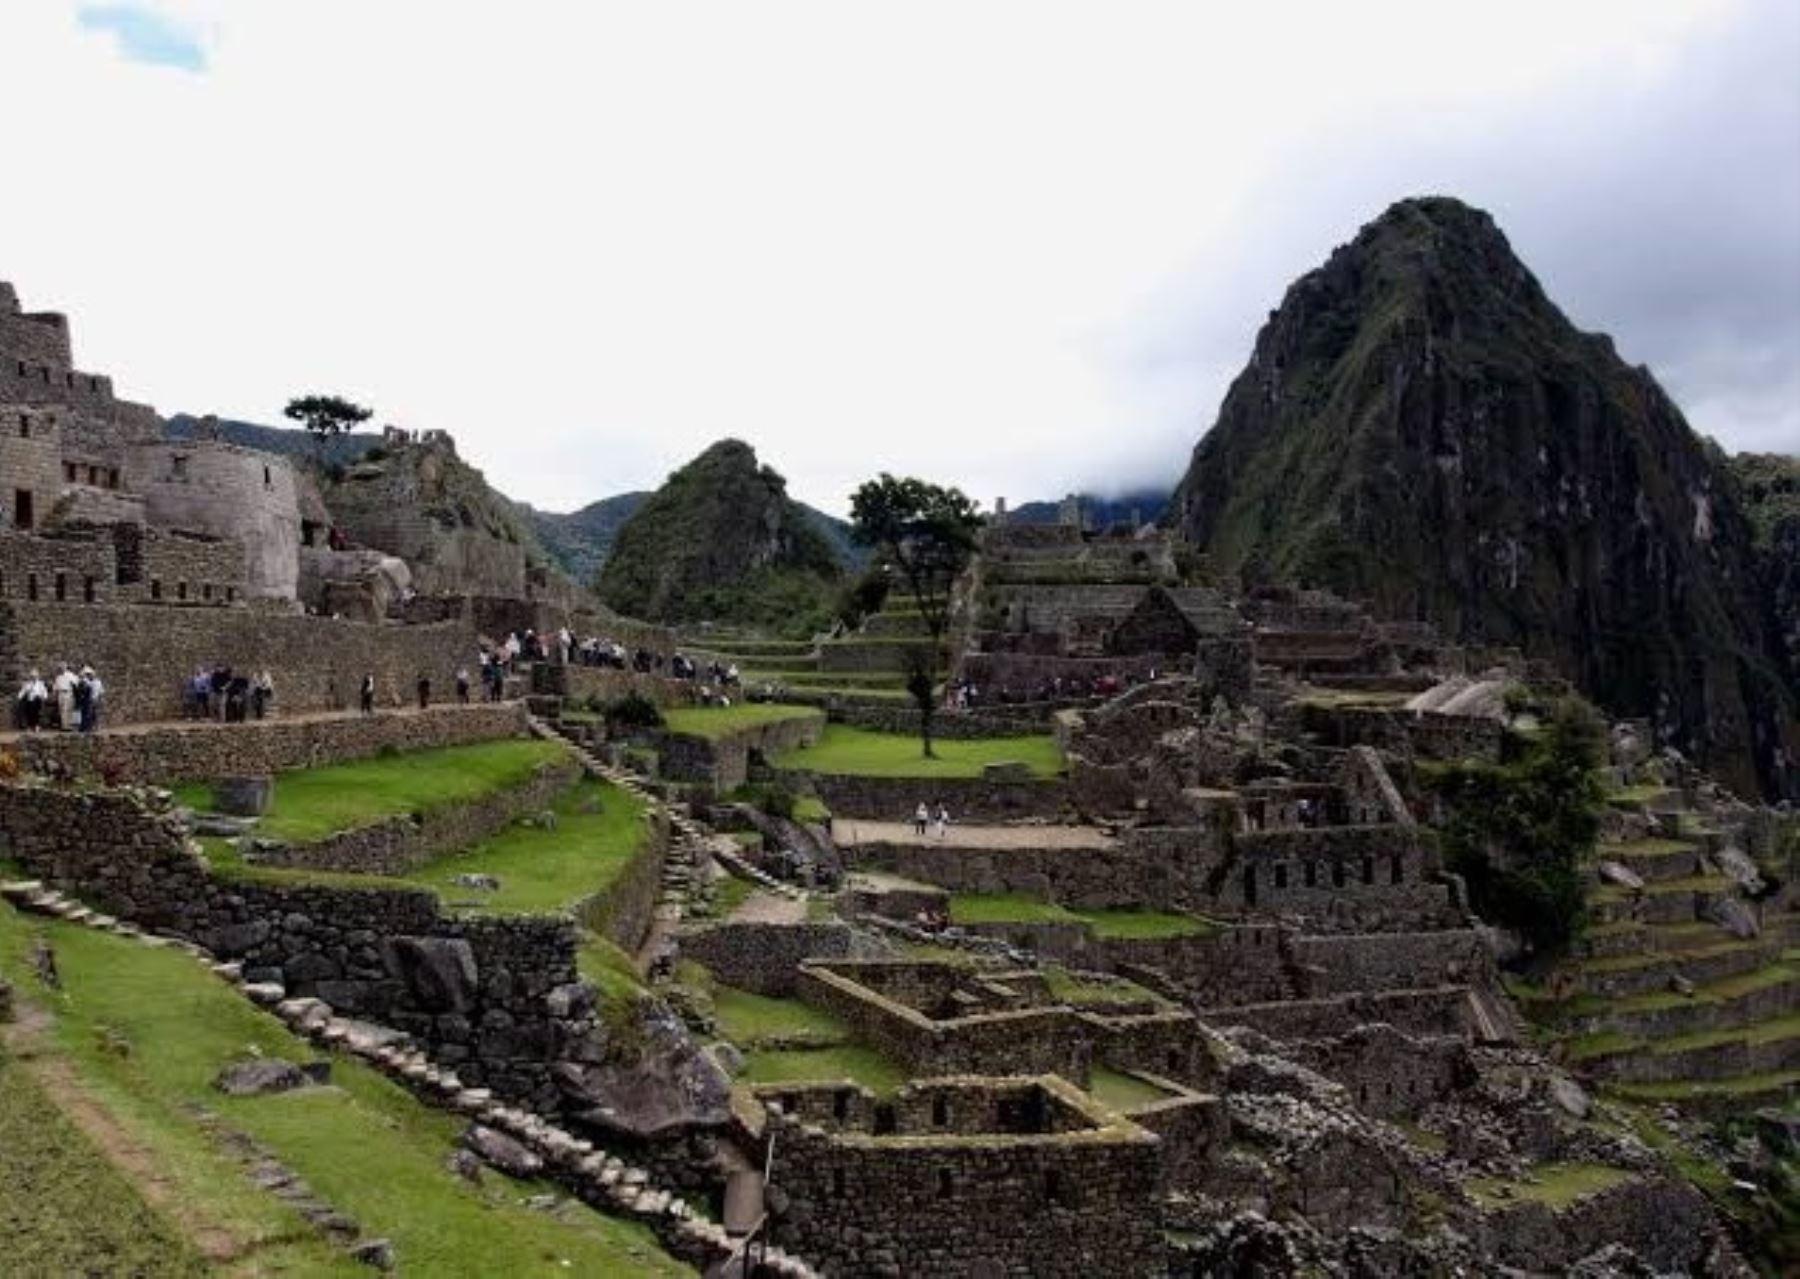 Las autoridades cusqueñas se preparan para recibir a los turistas cuando se reanuden las actividades y se reabra la ciudadela de Machu Picchu, el ícono turístico de Perú. ANDINA/Percy Hurtado